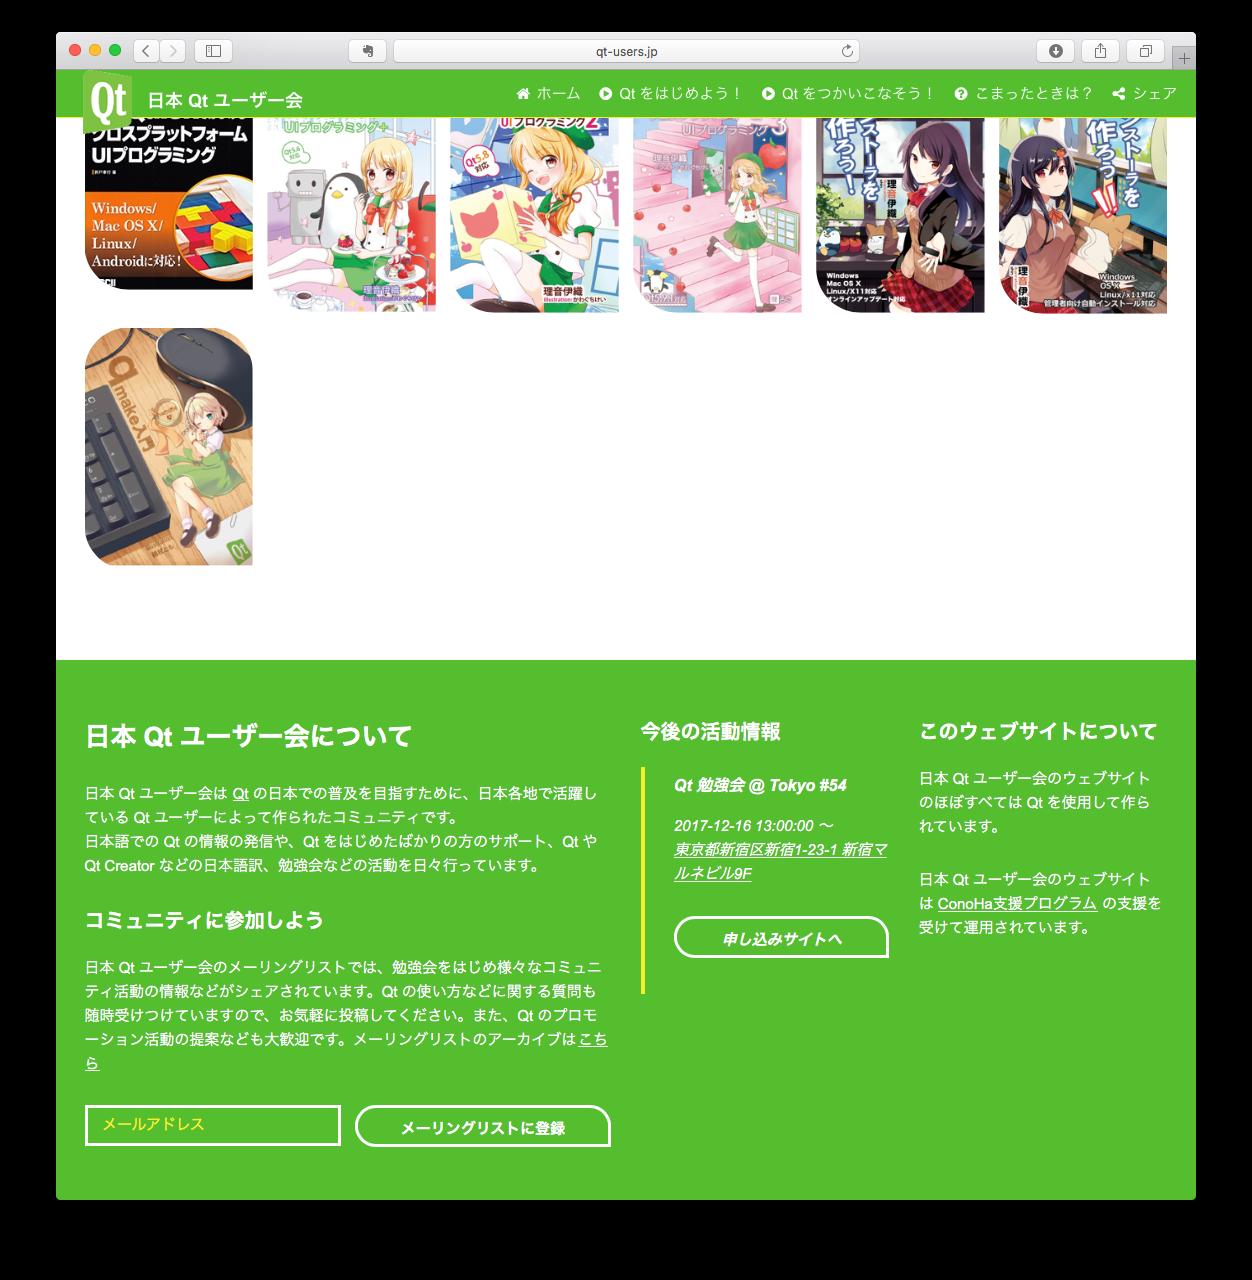 スクリーンショット 2017-12-12 0.07.52.png